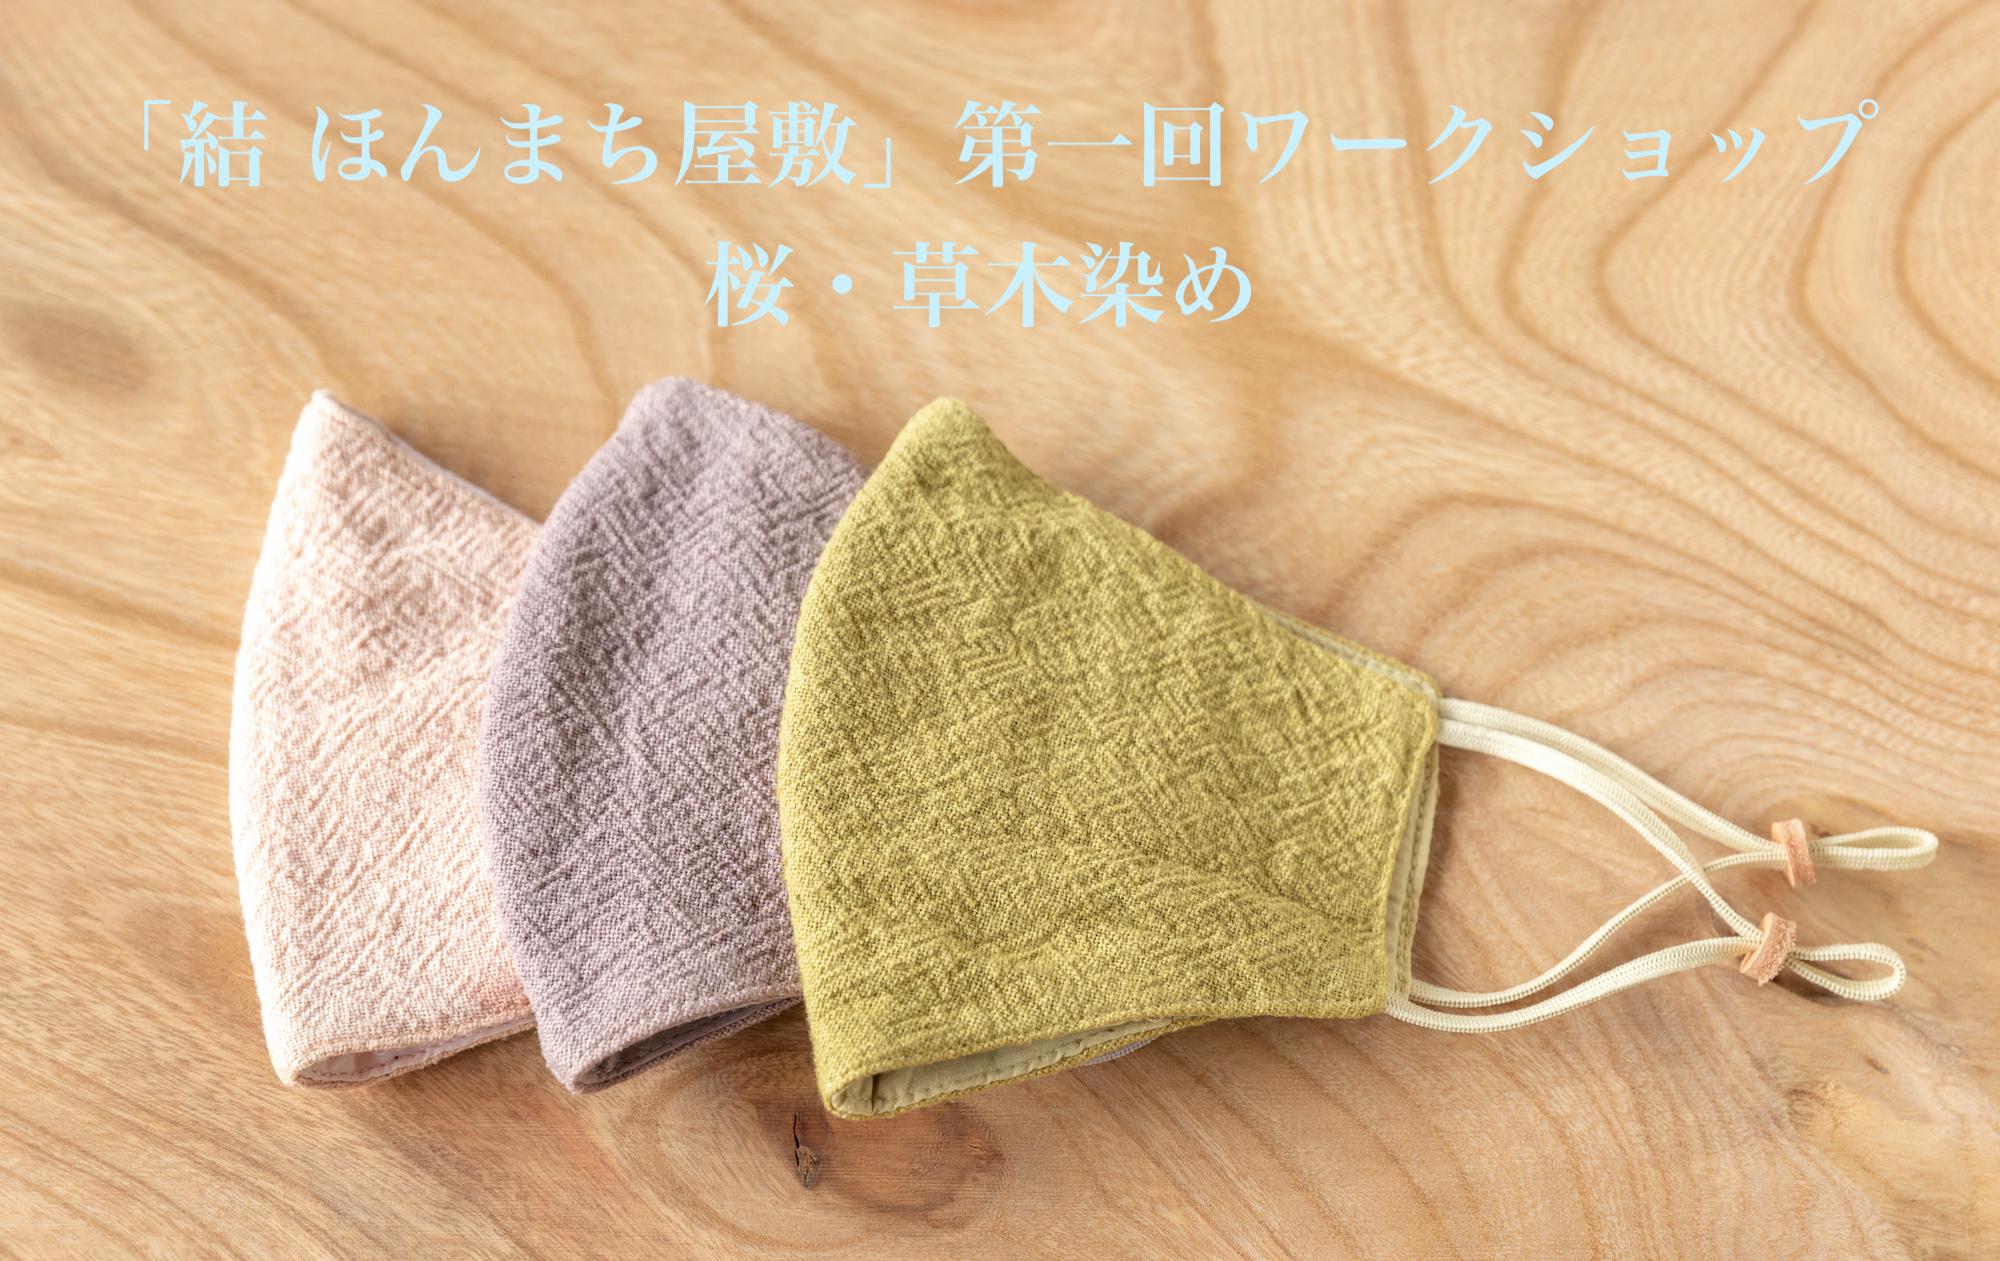 「結 ほんまち屋敷」第一回ワークショップ 桜・草木染め 参加者募集!